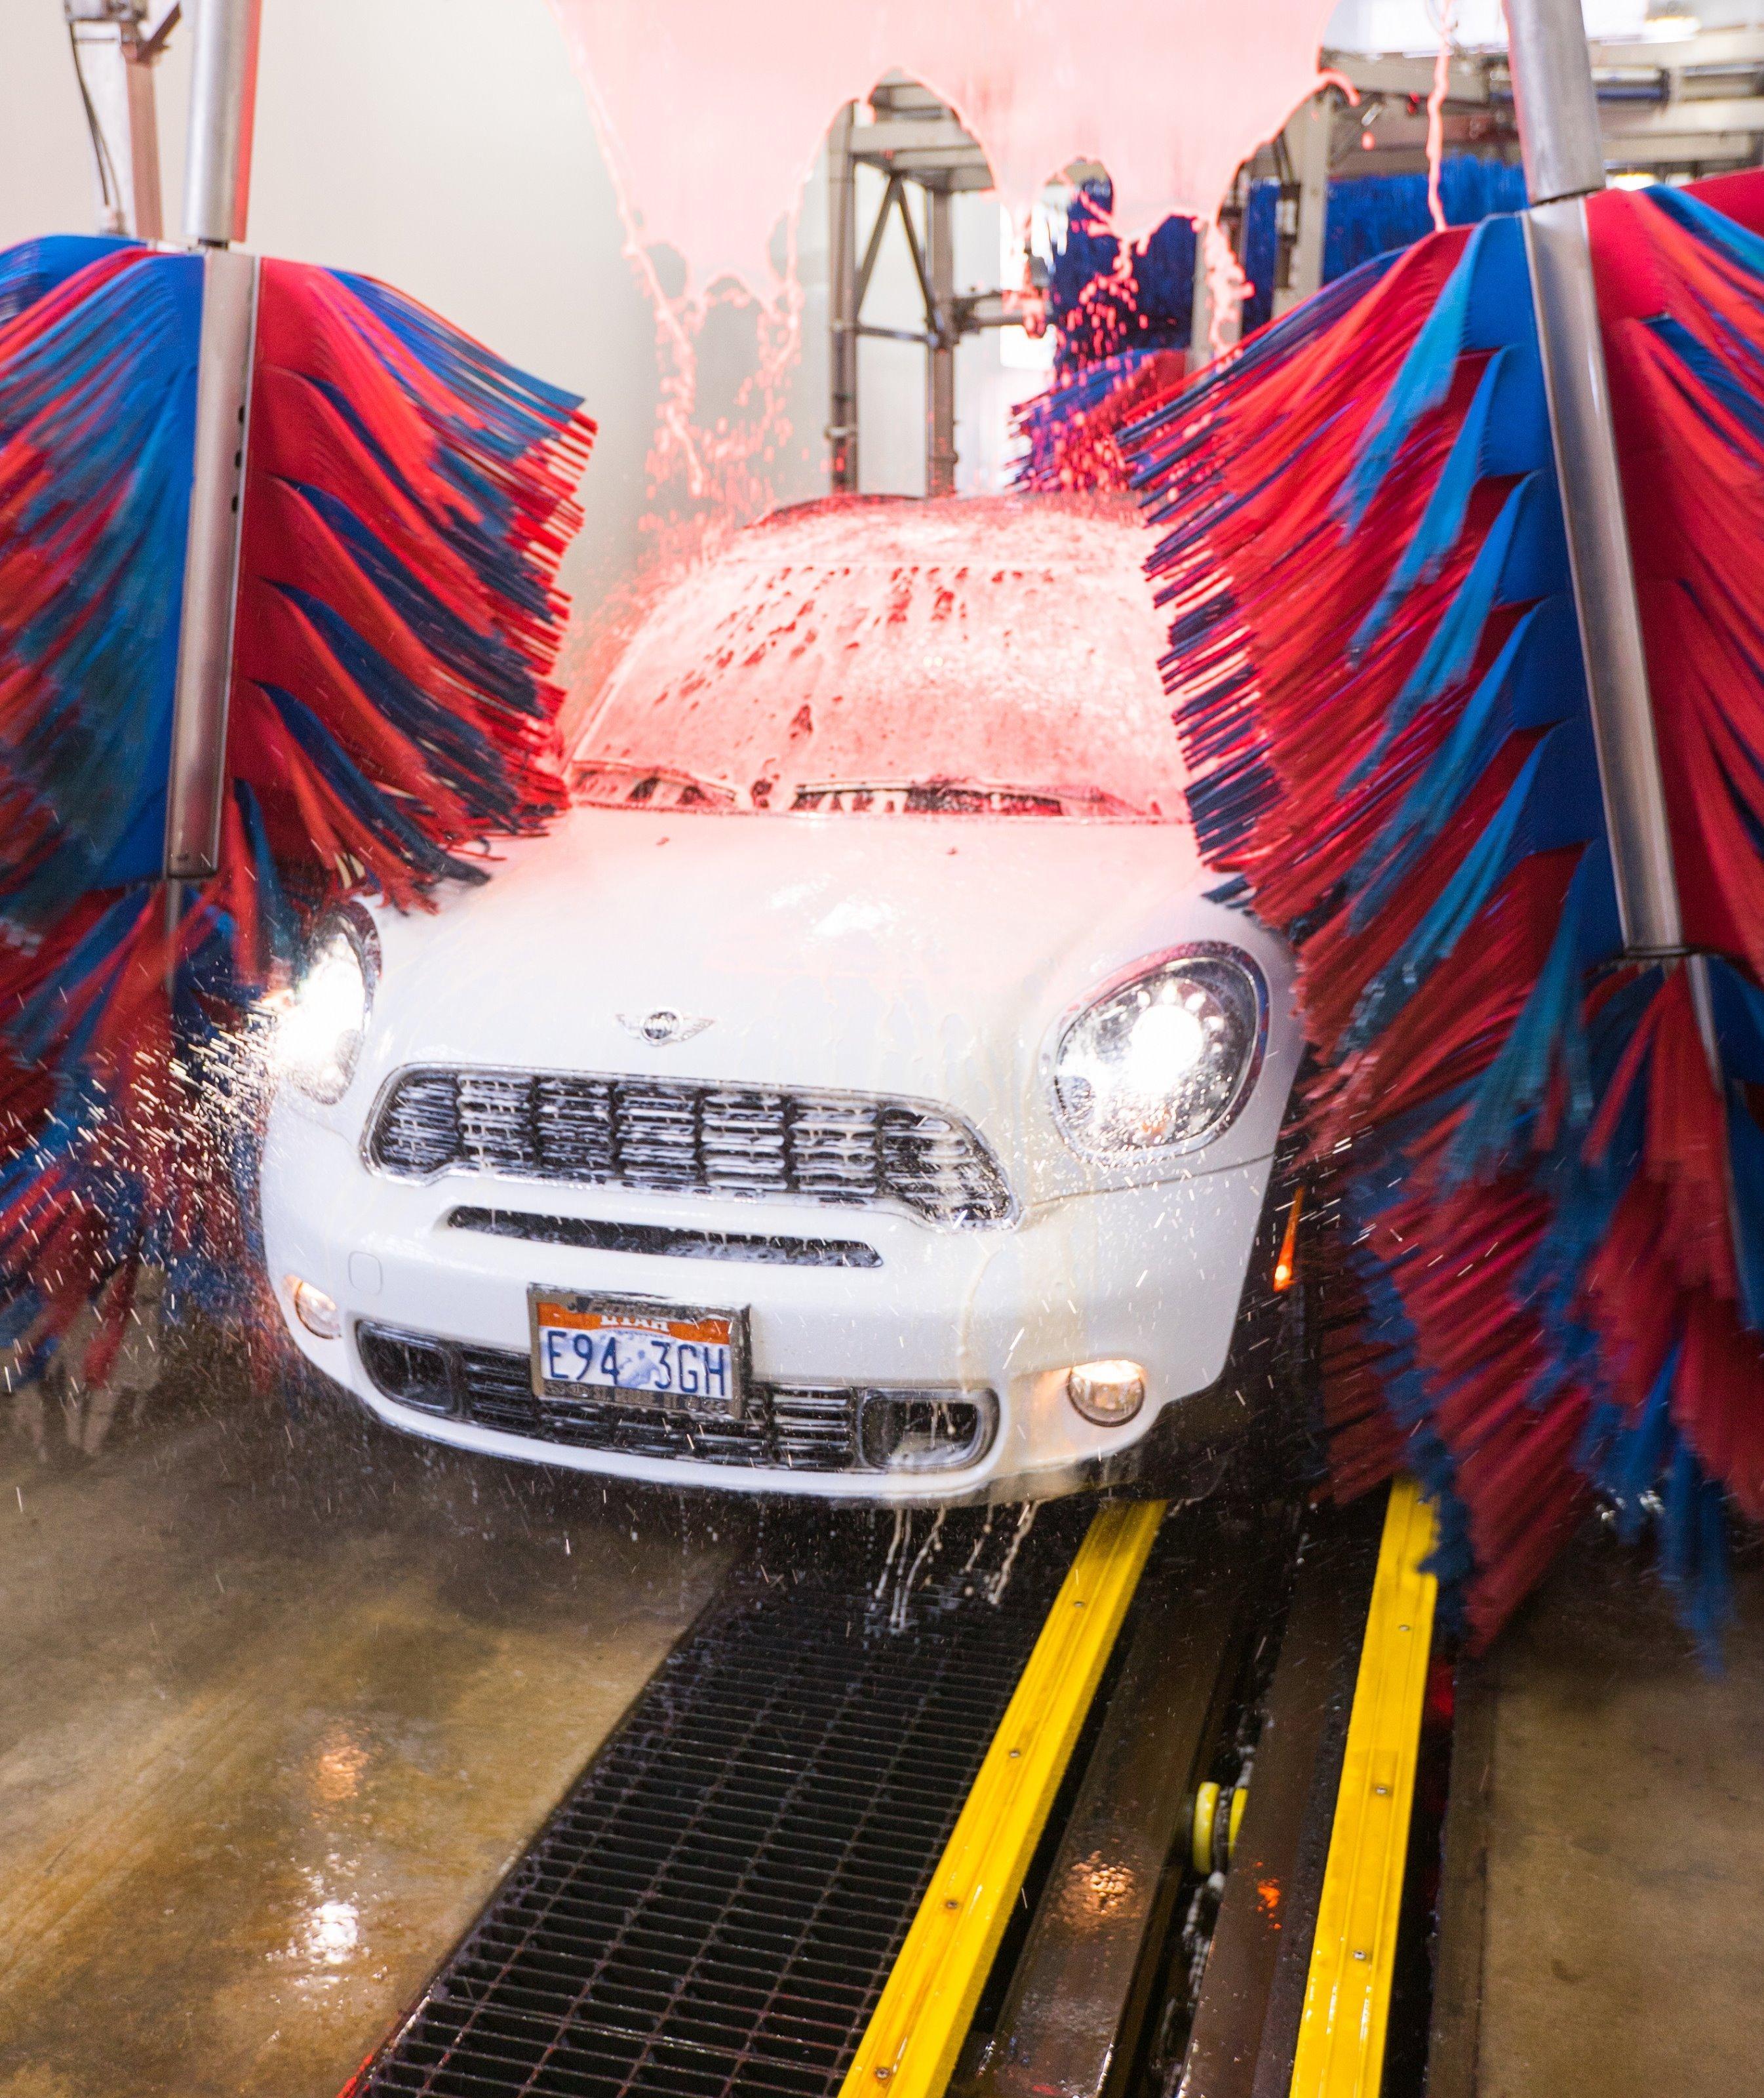 Tagg N Go Express Car Wash In Saint George, UT 84770